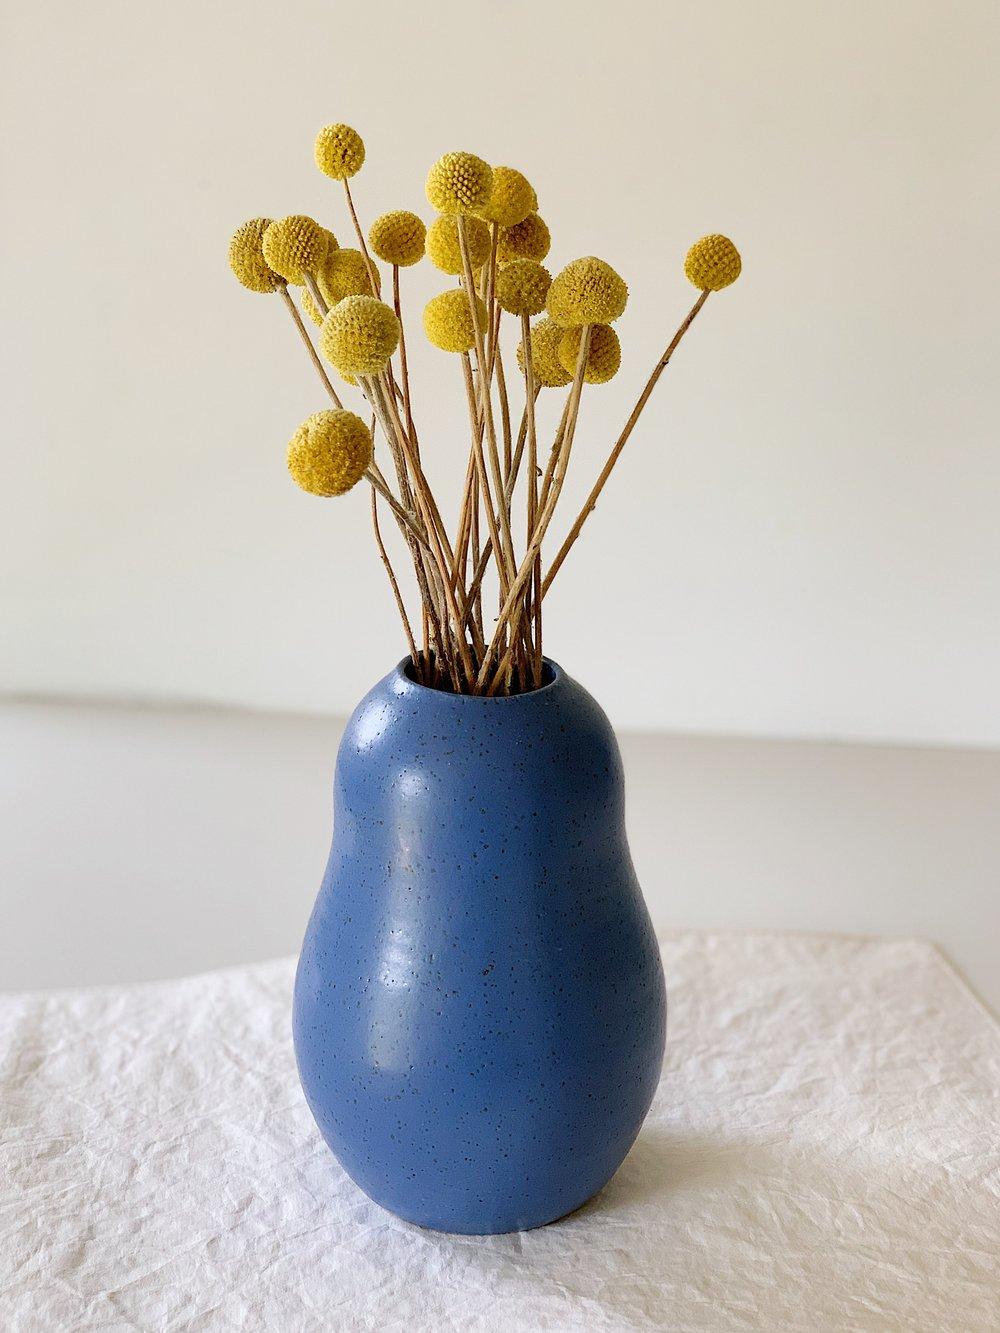 Image of Blue vase